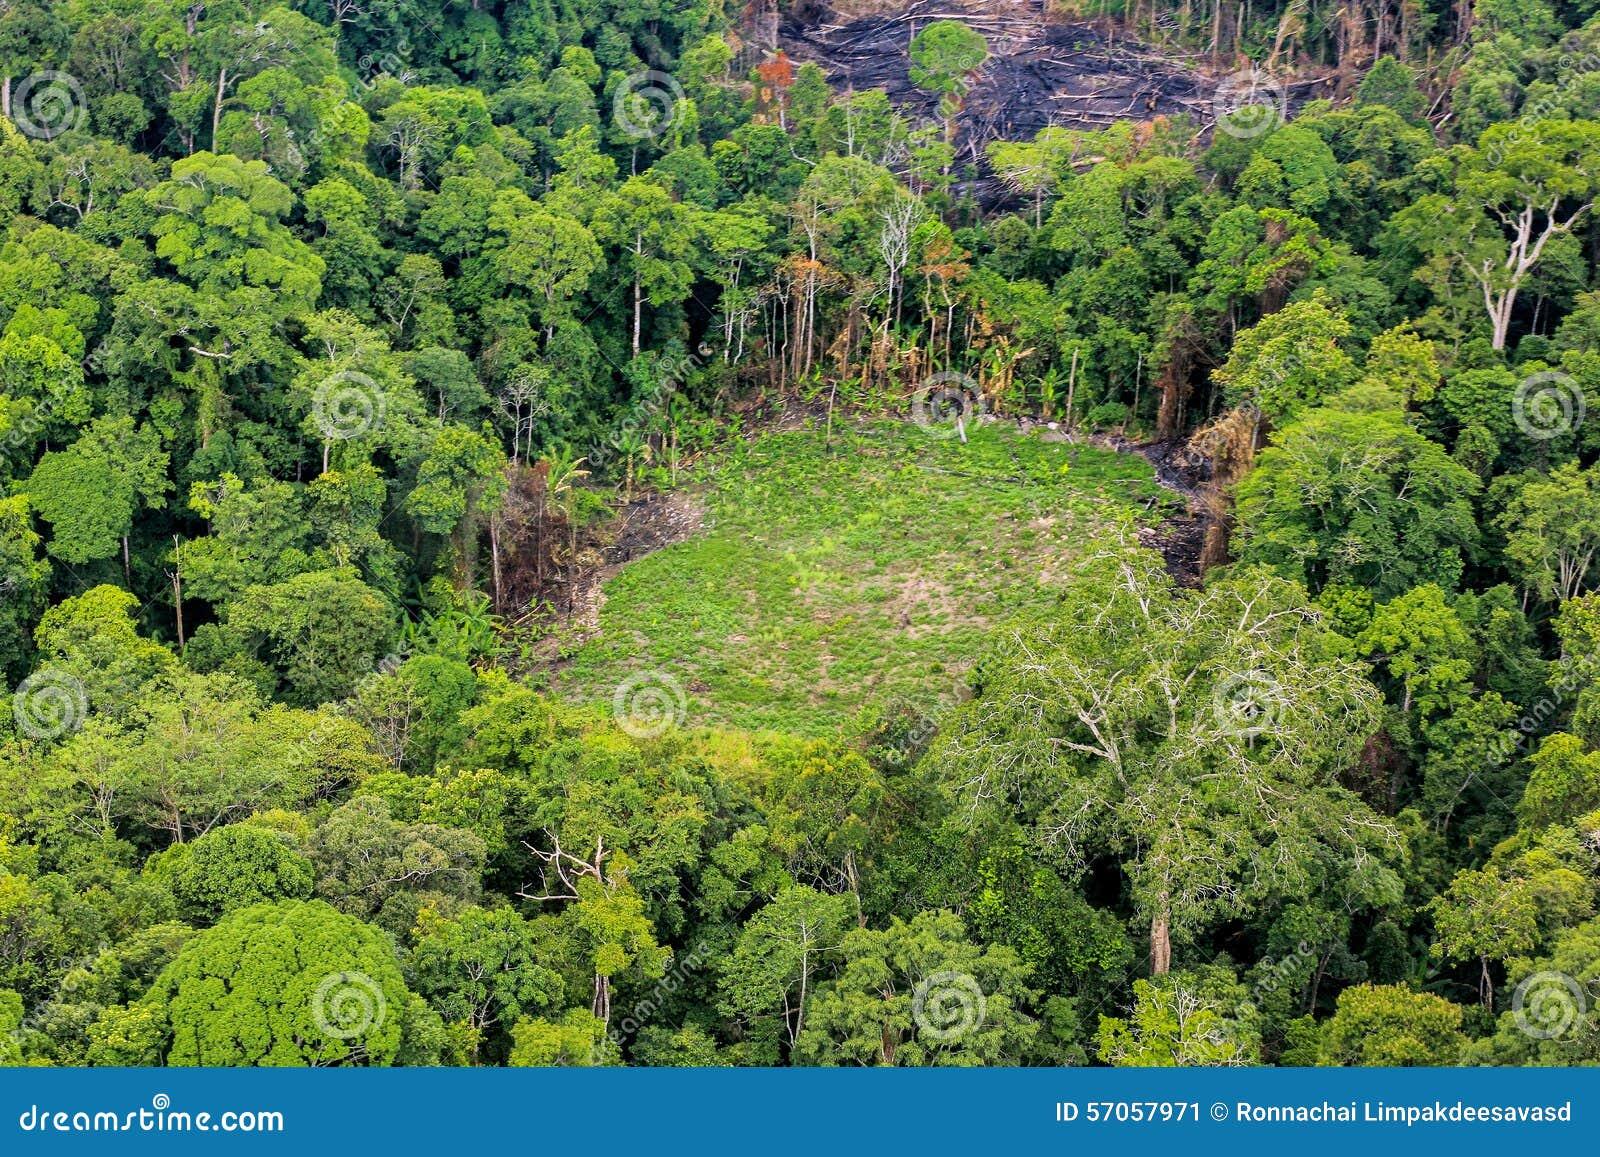 Antenne Von Geschnittenen Baumen Auf Dem Boden Im Regenwald